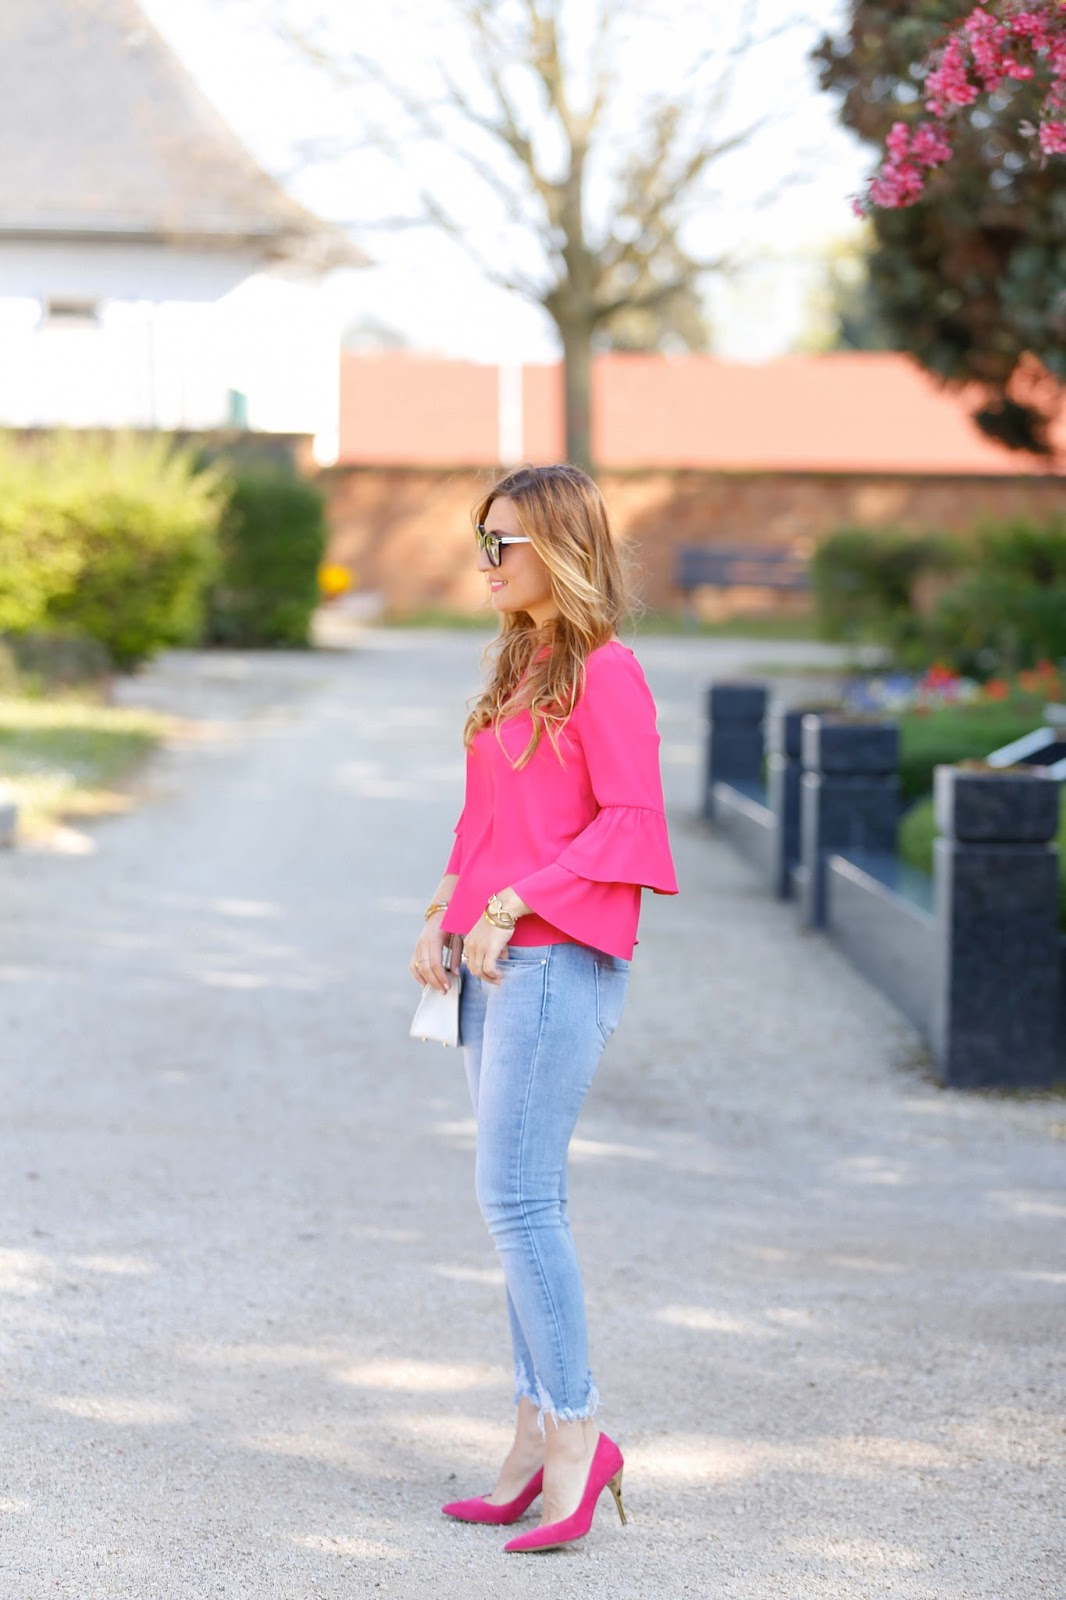 wie-trägt-man-eine-7-8-Hose-helle-jeans-kombinieren-pinke-high-heels-angesagte-Sommertrends